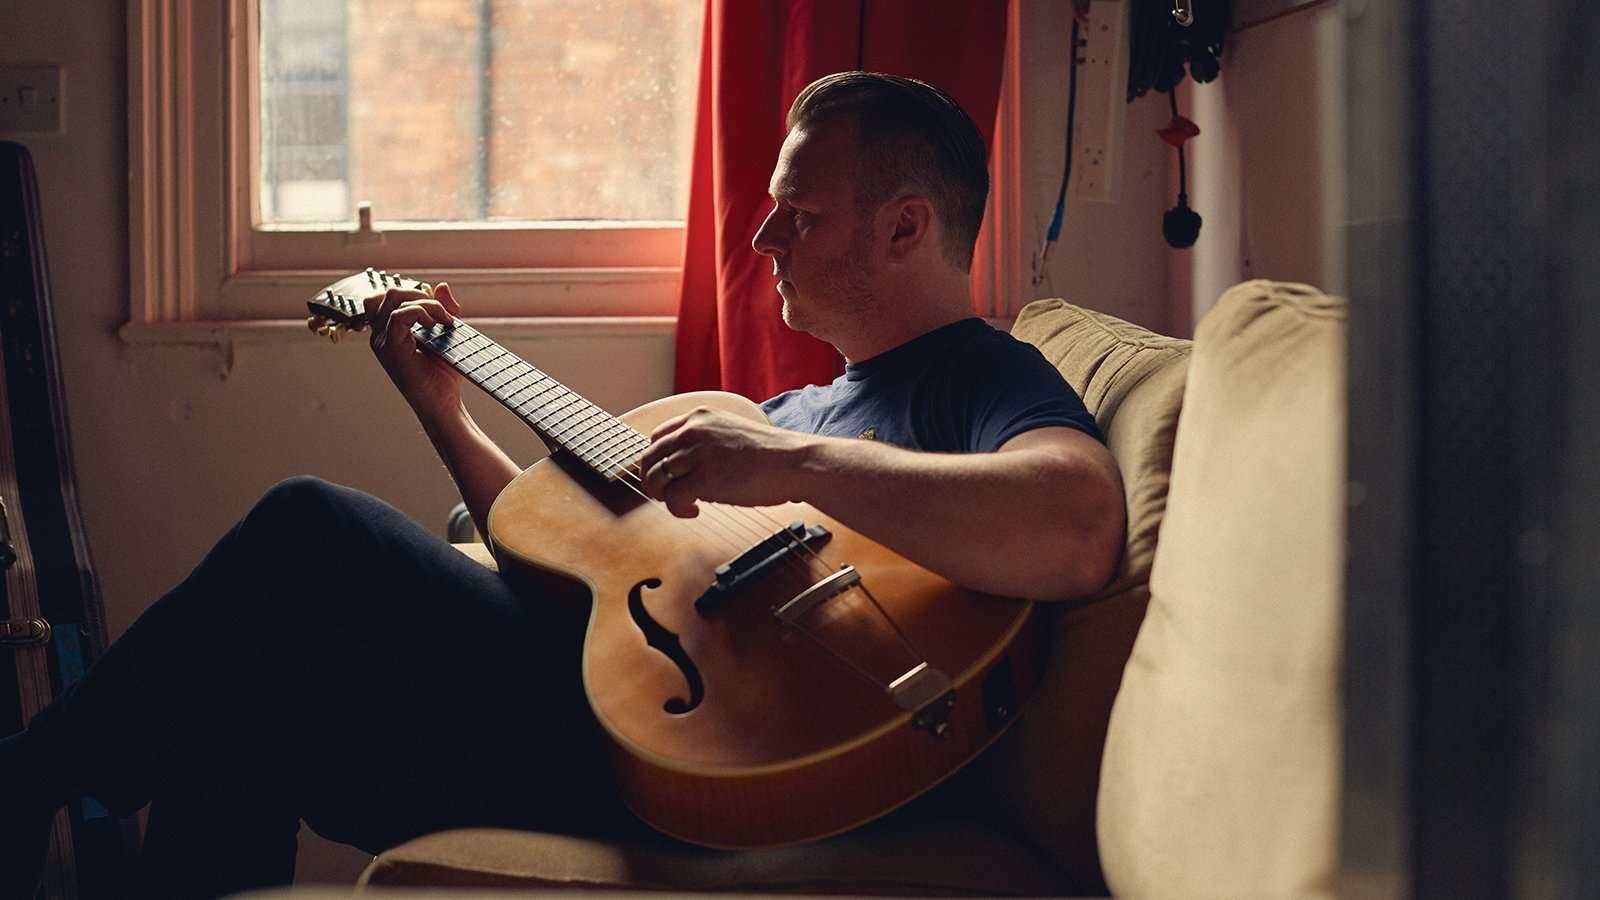 Singer-songwriter Ed Cosens